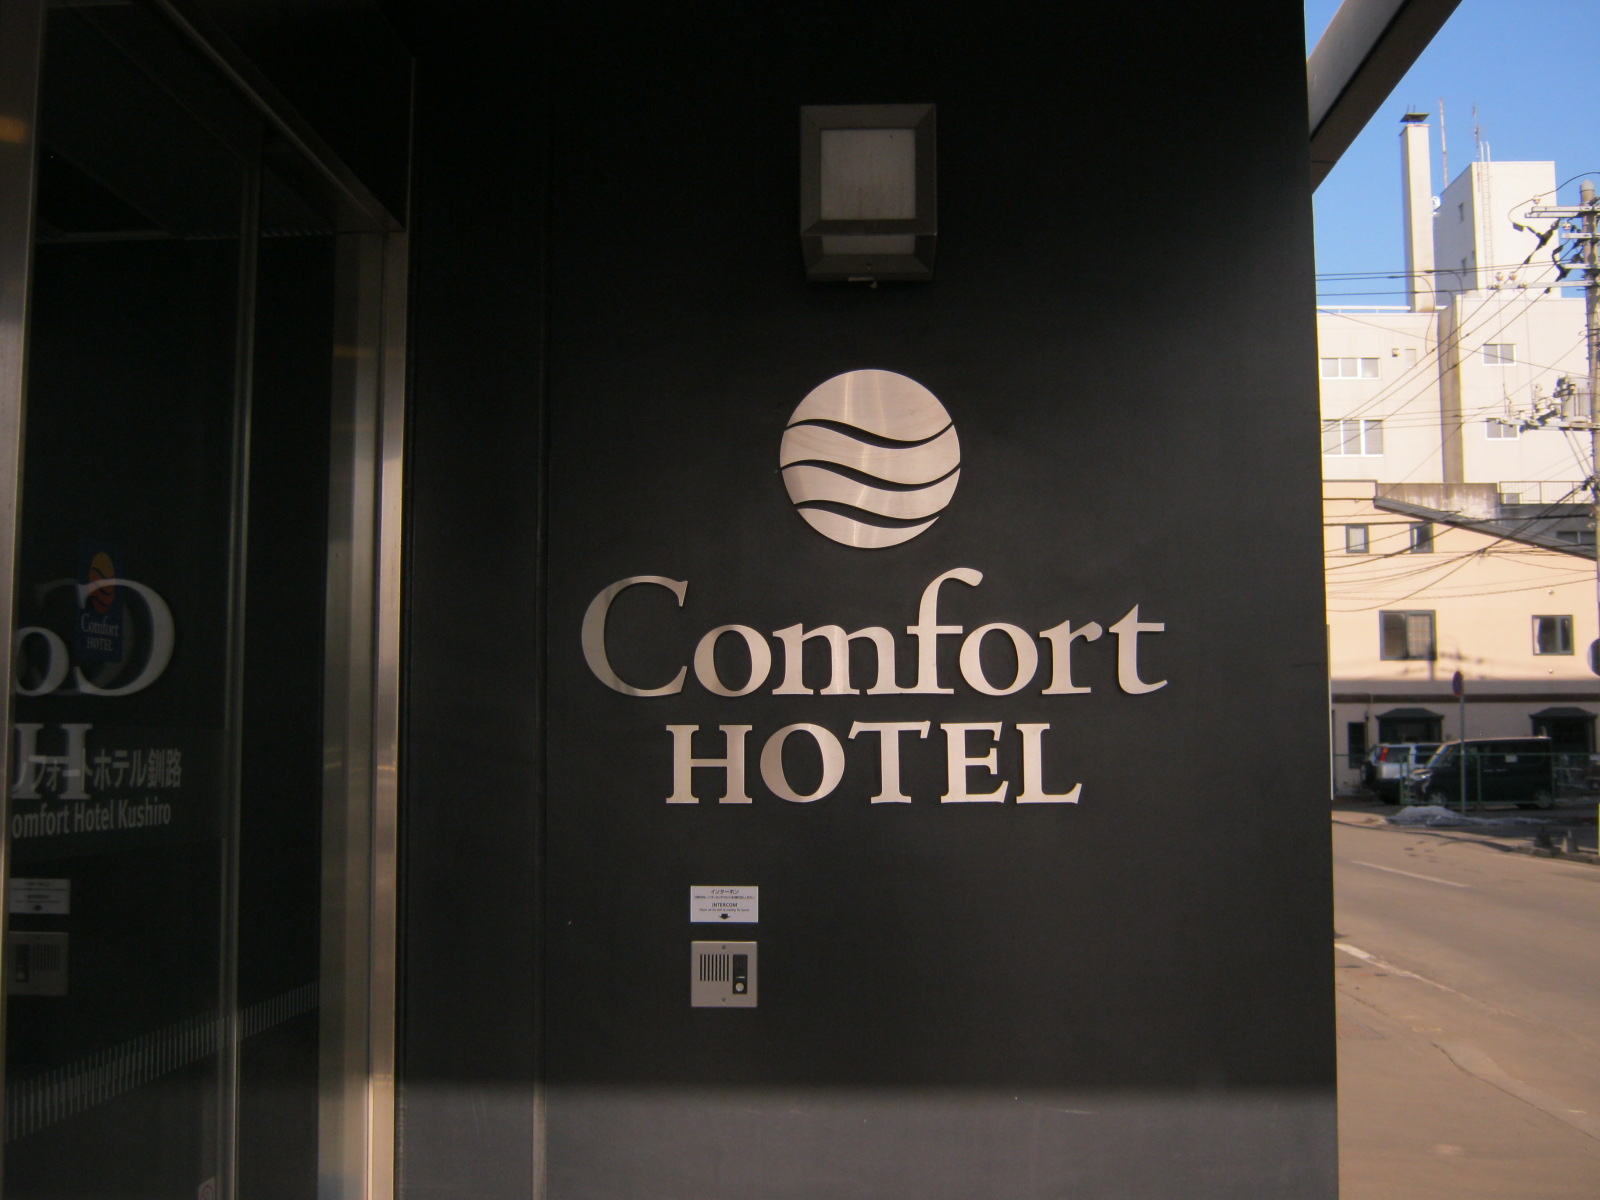 コンフォートホテル 釧路